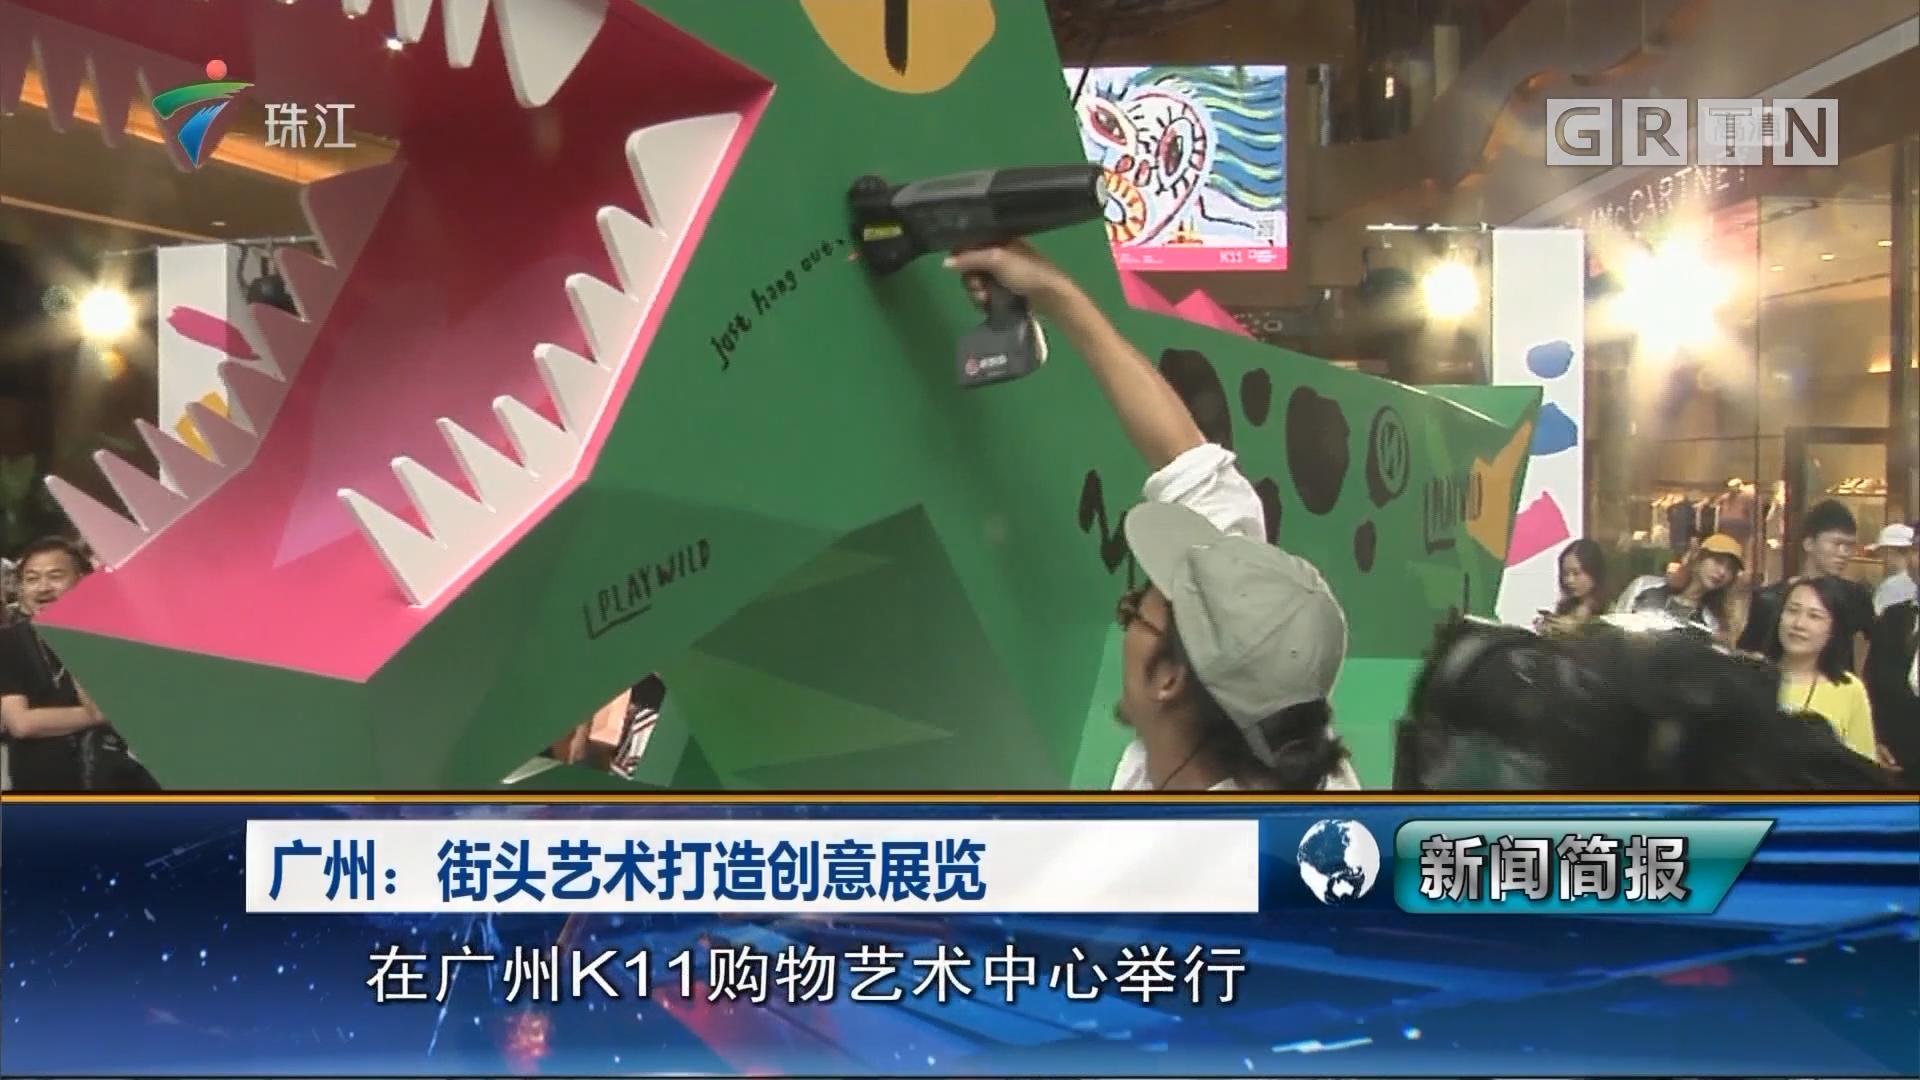 广州:街头艺术打造创意展览